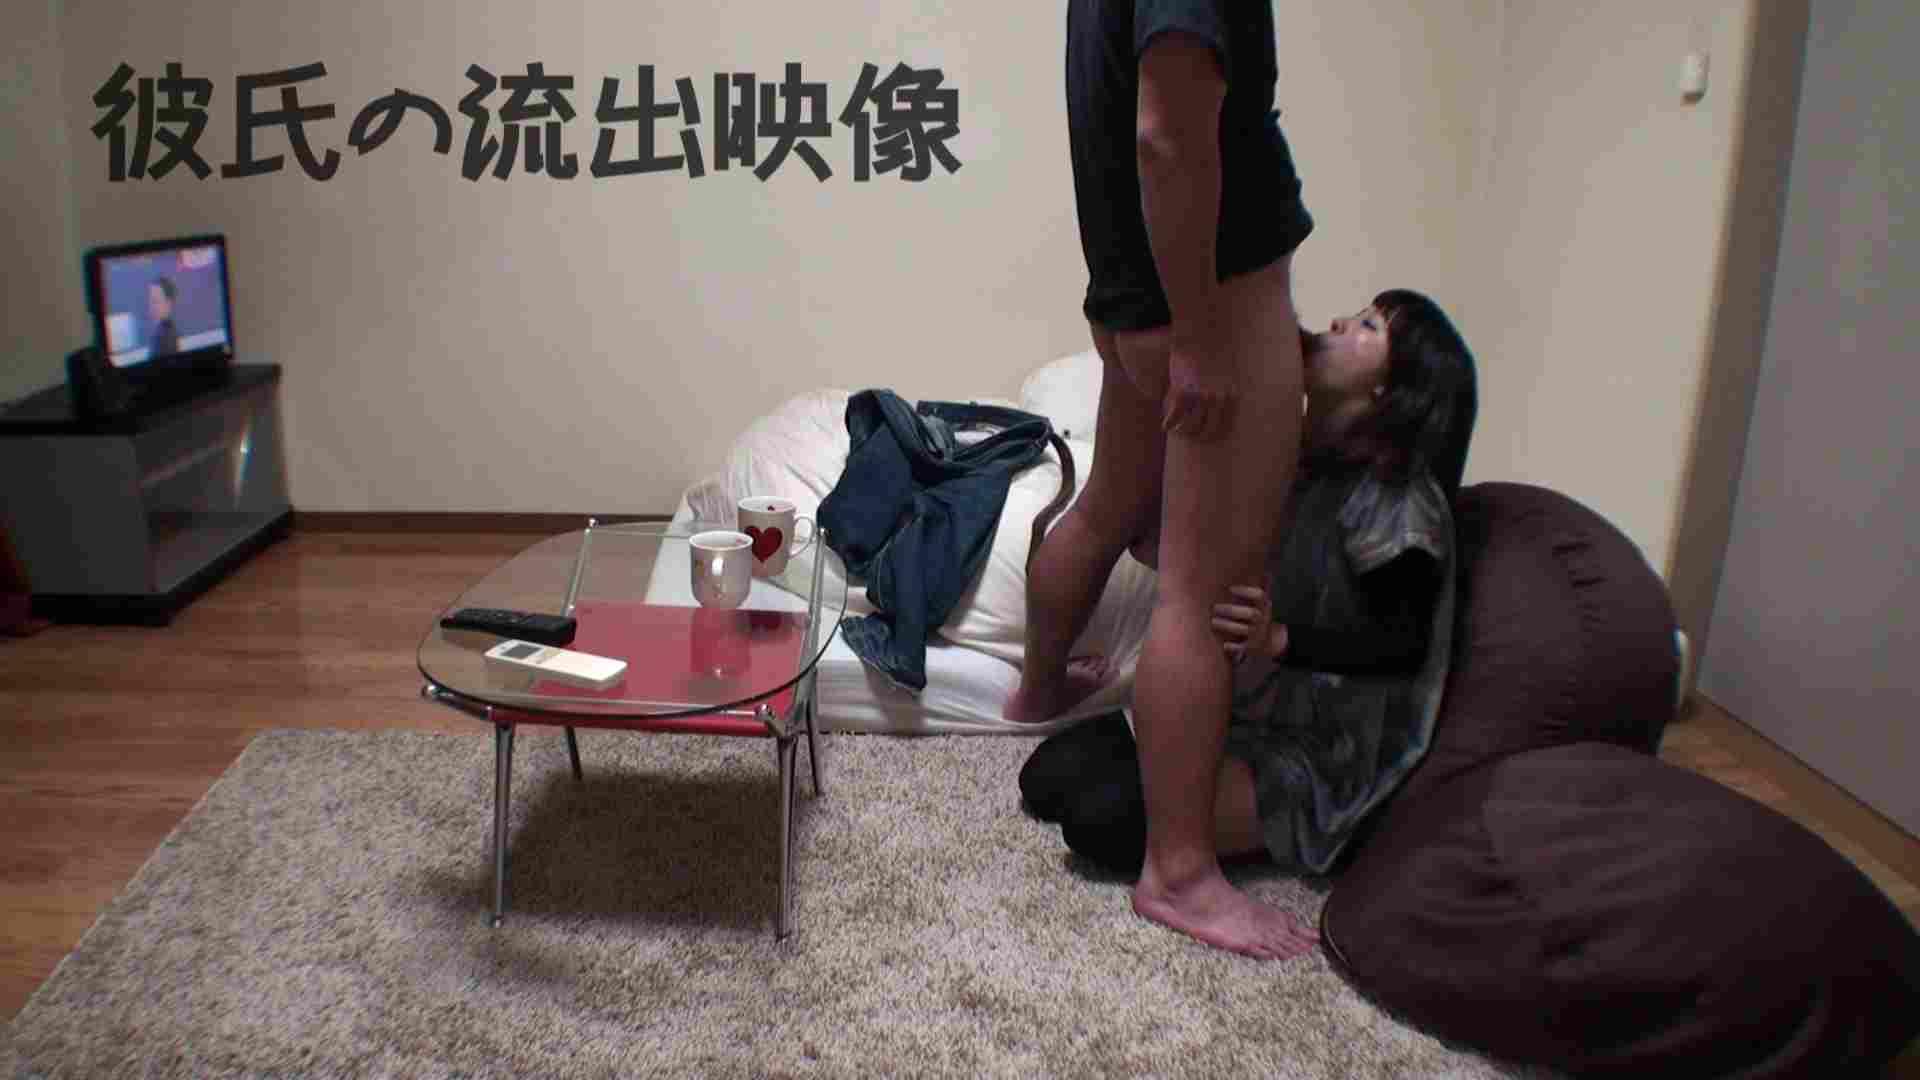 彼氏が流出 パイパン素人嬢のハメ撮り映像02 カップル のぞき動画画像 38連発 4